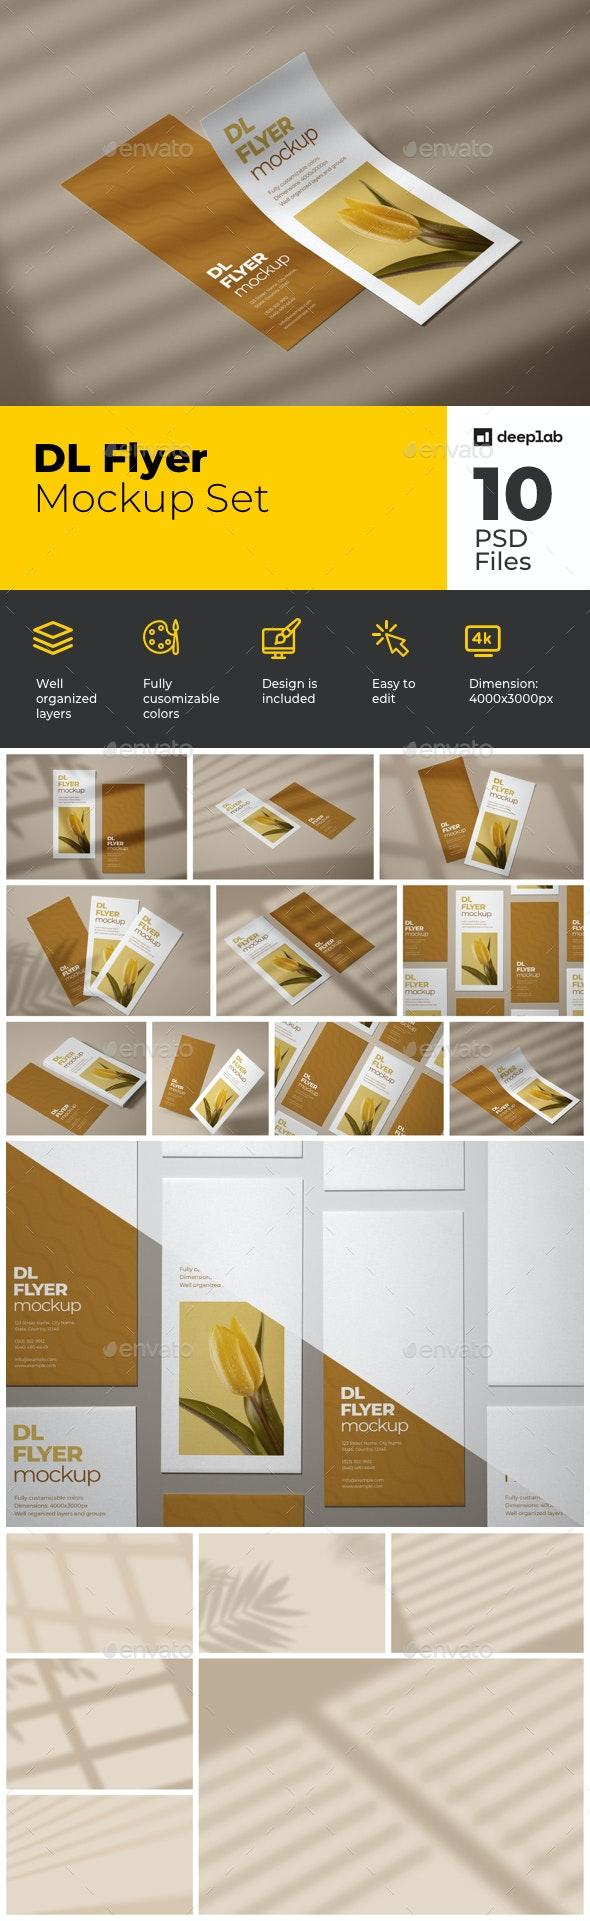 DL Flyer Mockup Set - Product Mock-Ups Graphics